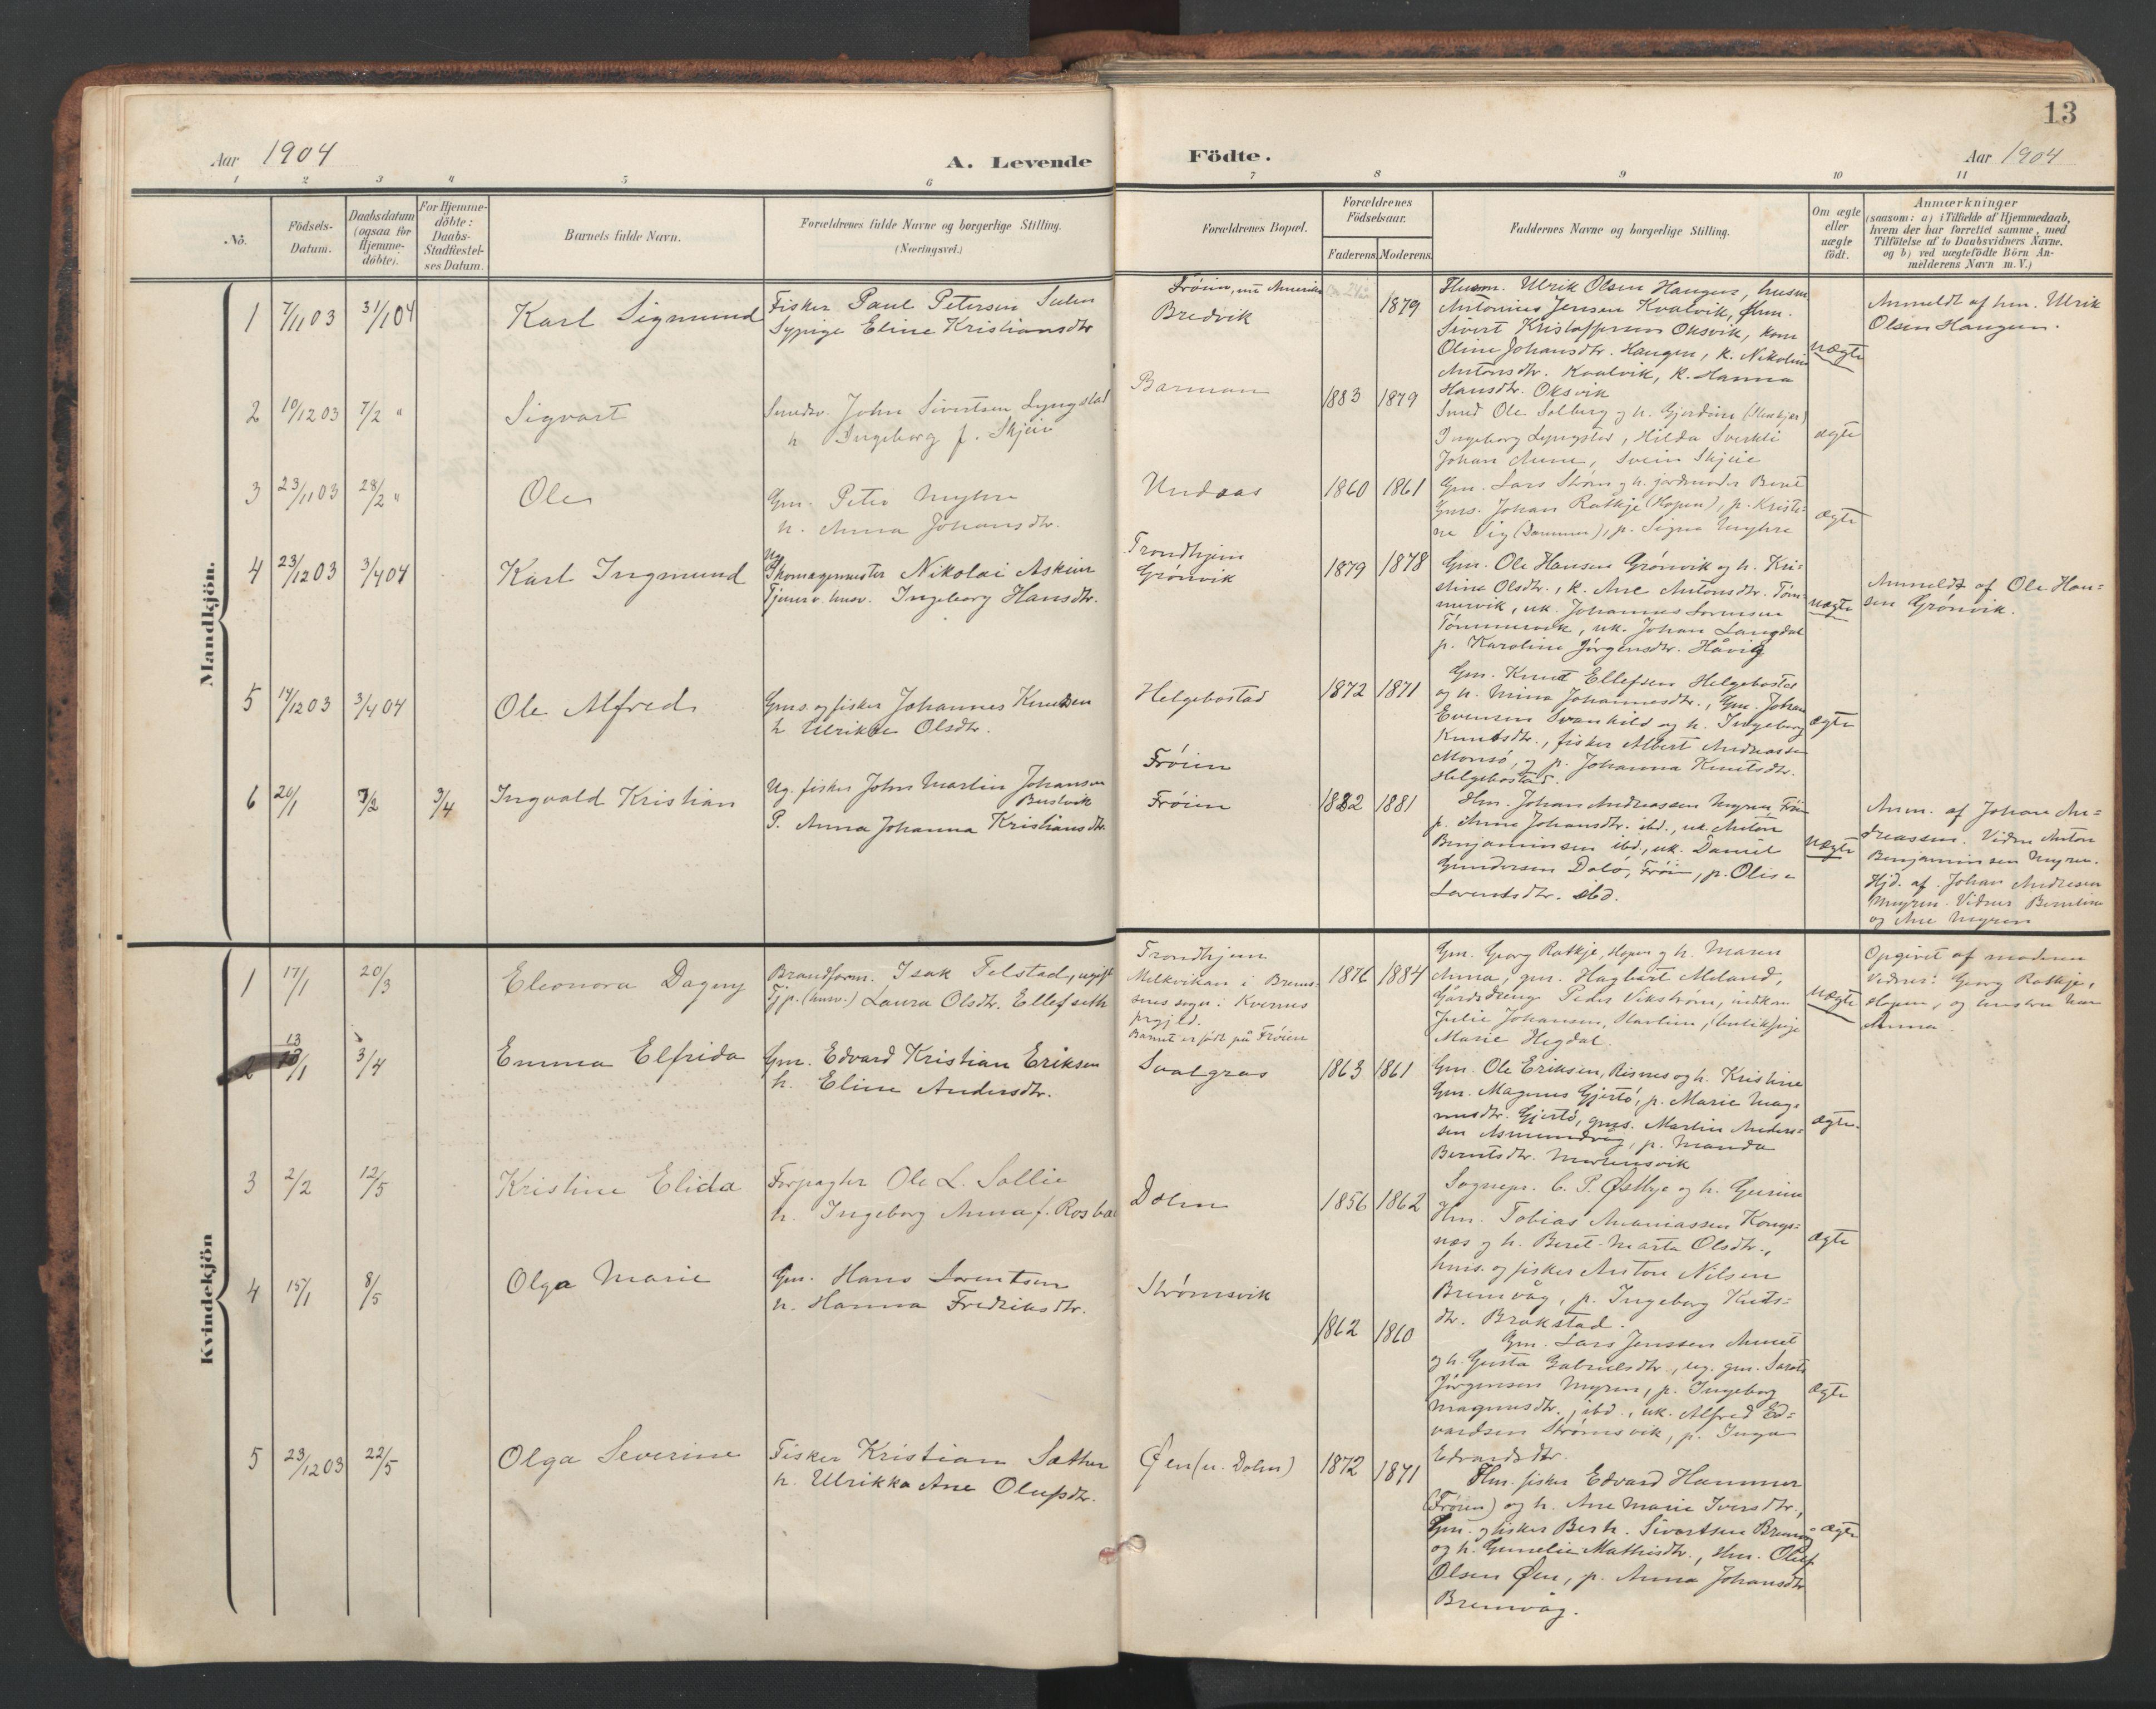 SAT, Ministerialprotokoller, klokkerbøker og fødselsregistre - Sør-Trøndelag, 634/L0537: Ministerialbok nr. 634A13, 1896-1922, s. 13